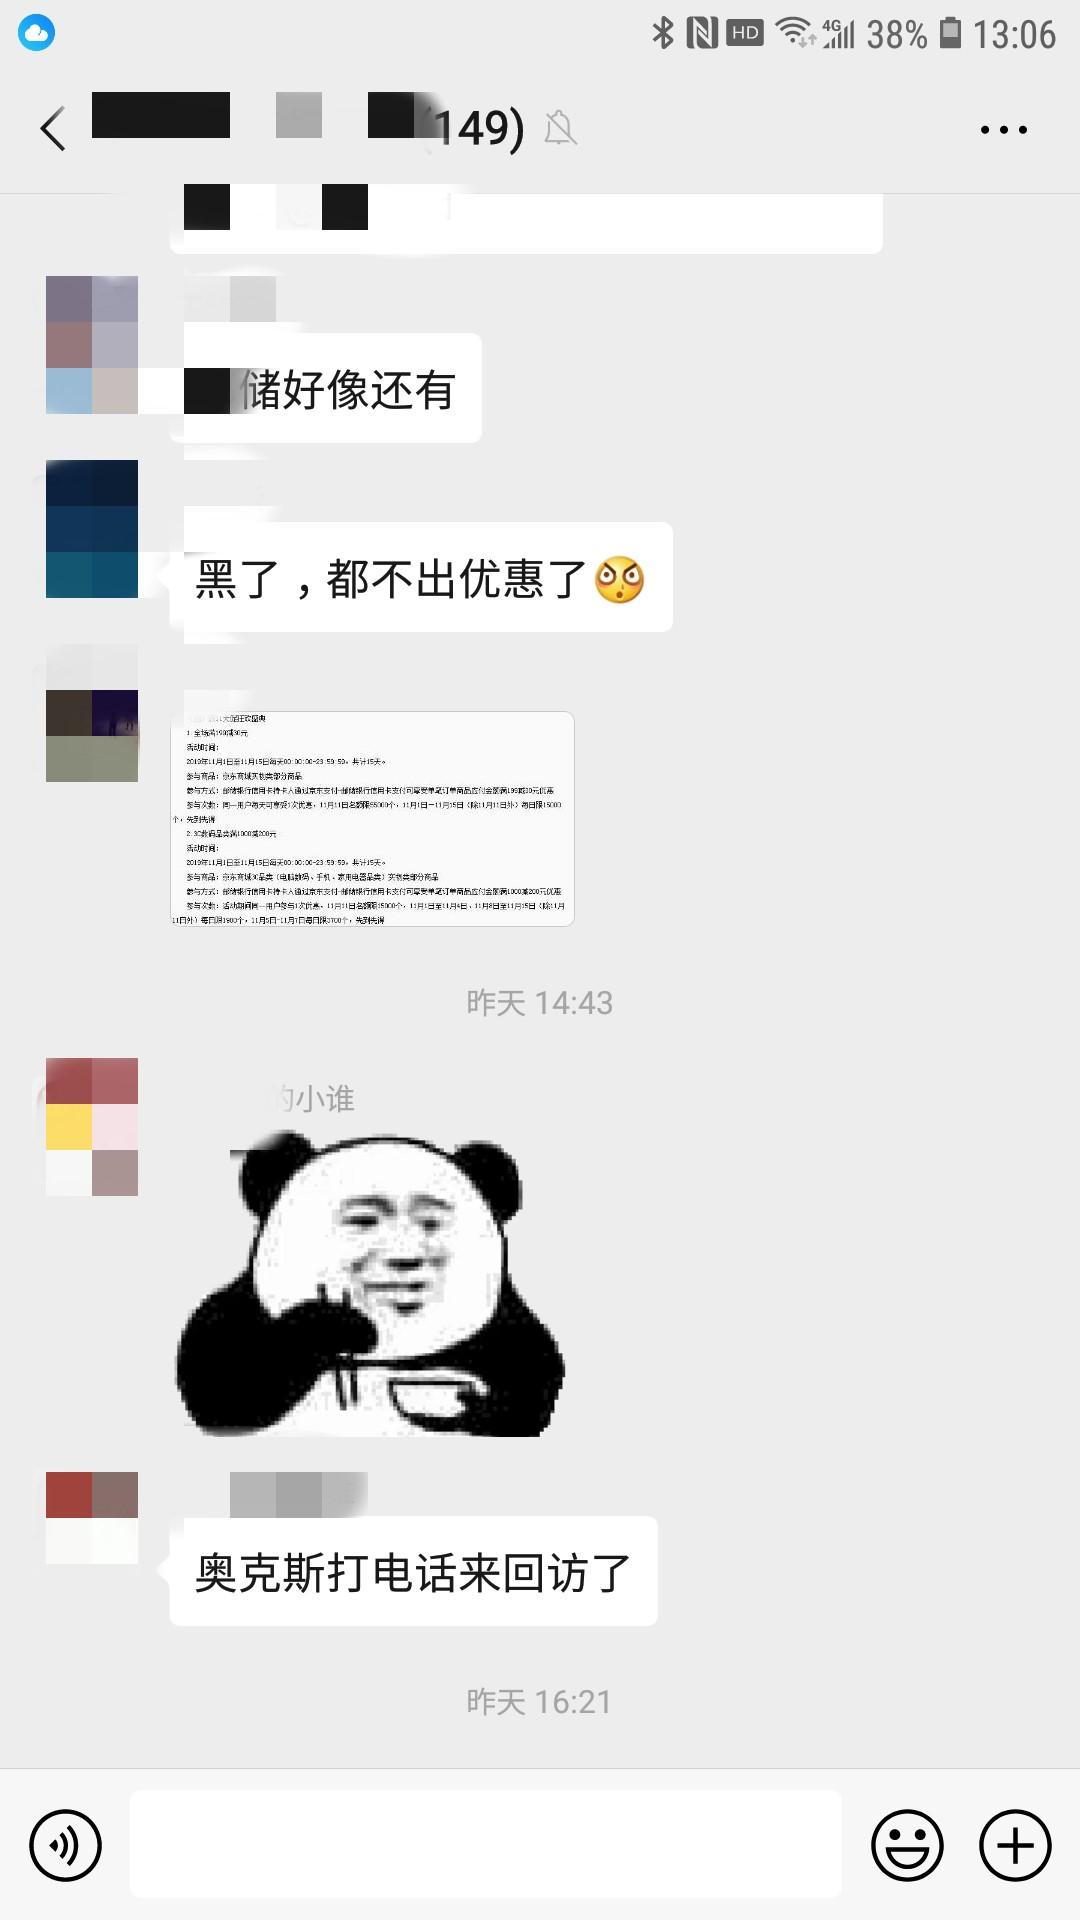 金莹娱乐场开户 本土化是宜家中国新财年重点,还要为中国市场单独开发App